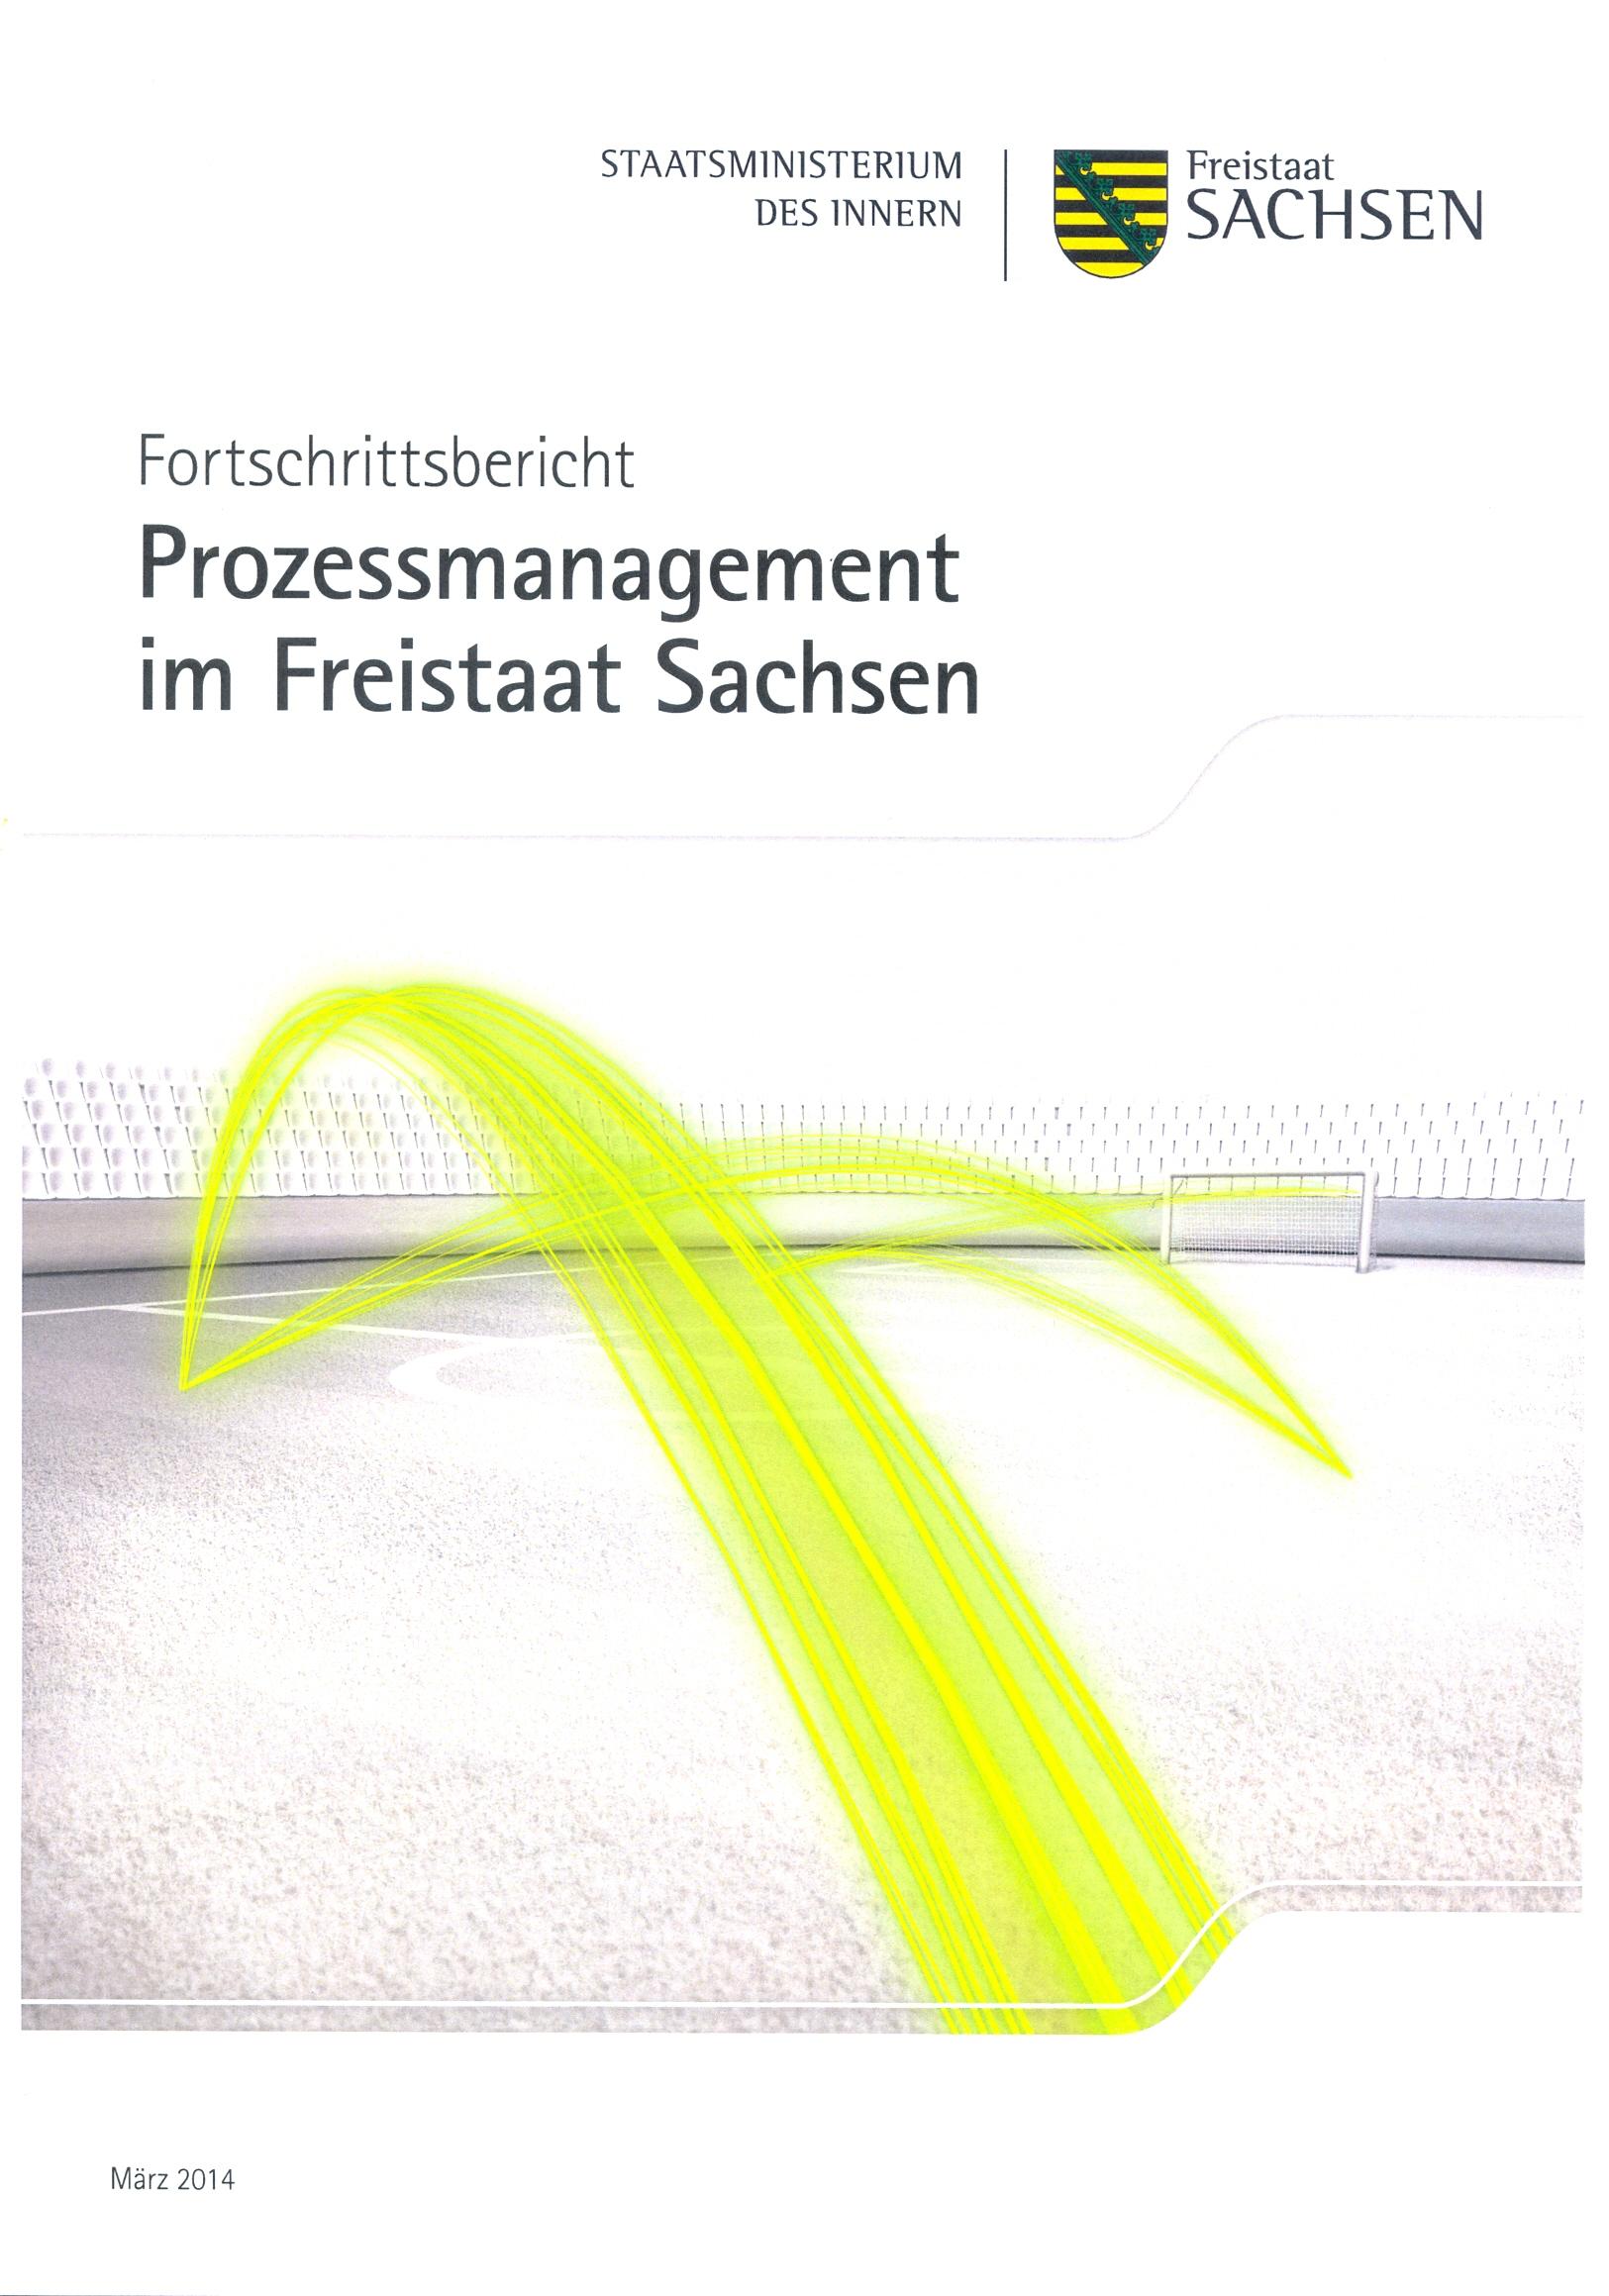 Fortschrittsbericht Prozessmanagement im Freistaat Sachsen